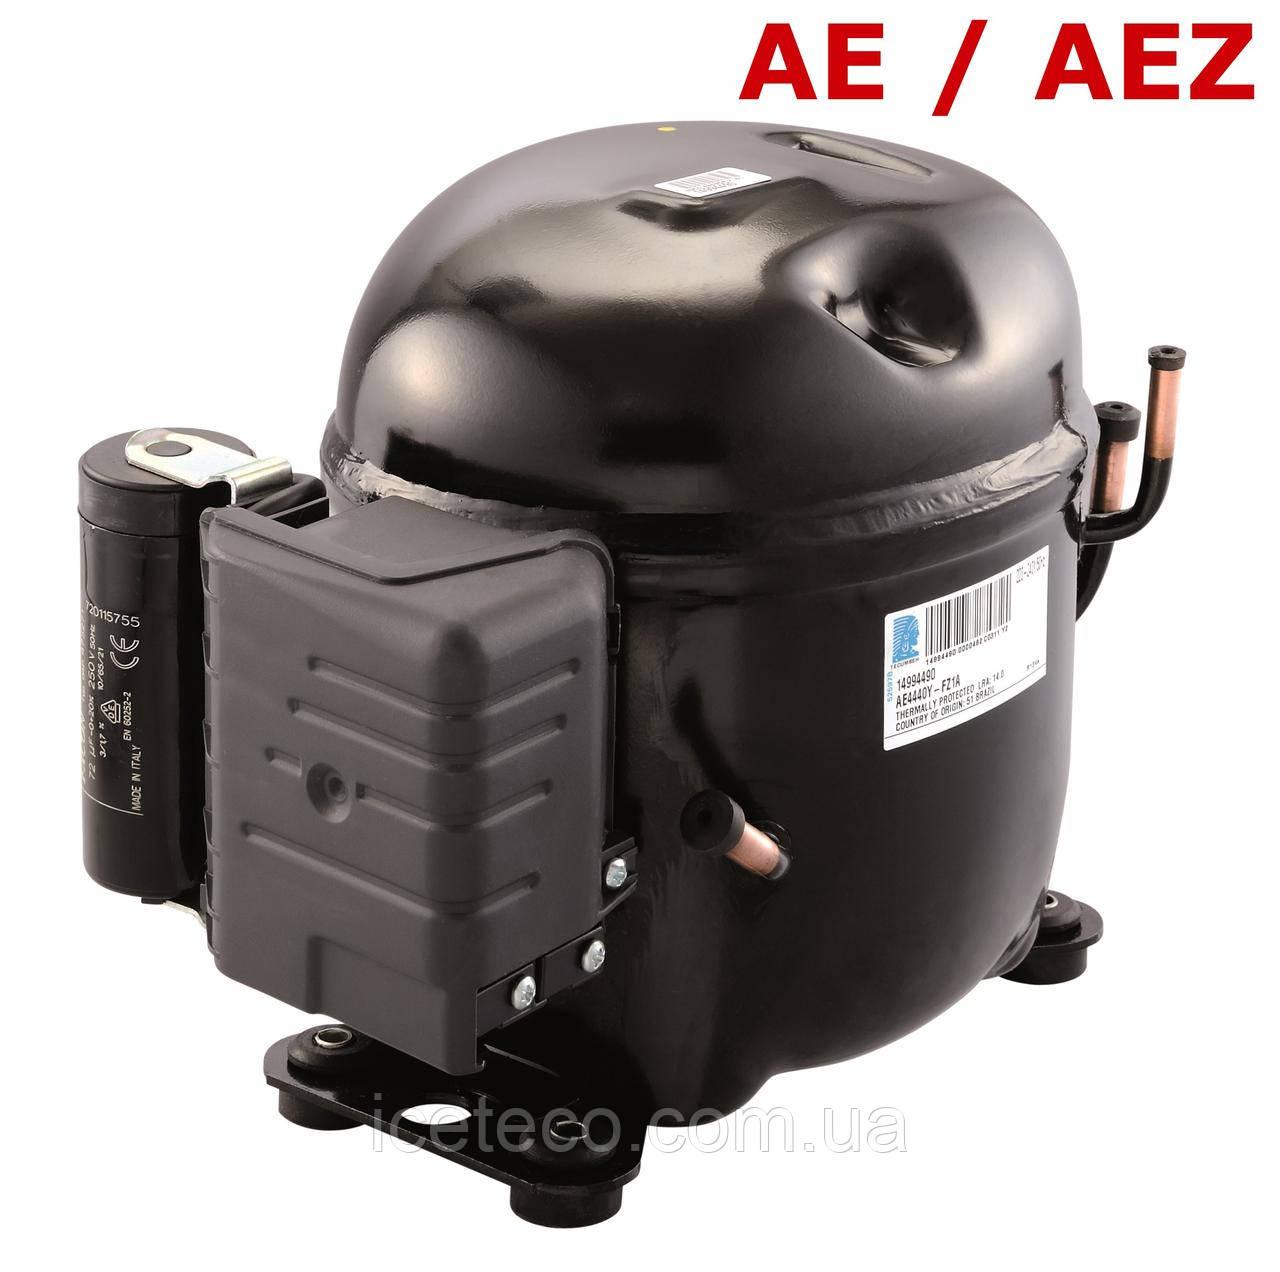 Герметичный поршневой компрессор AE4450Y Tecumseh